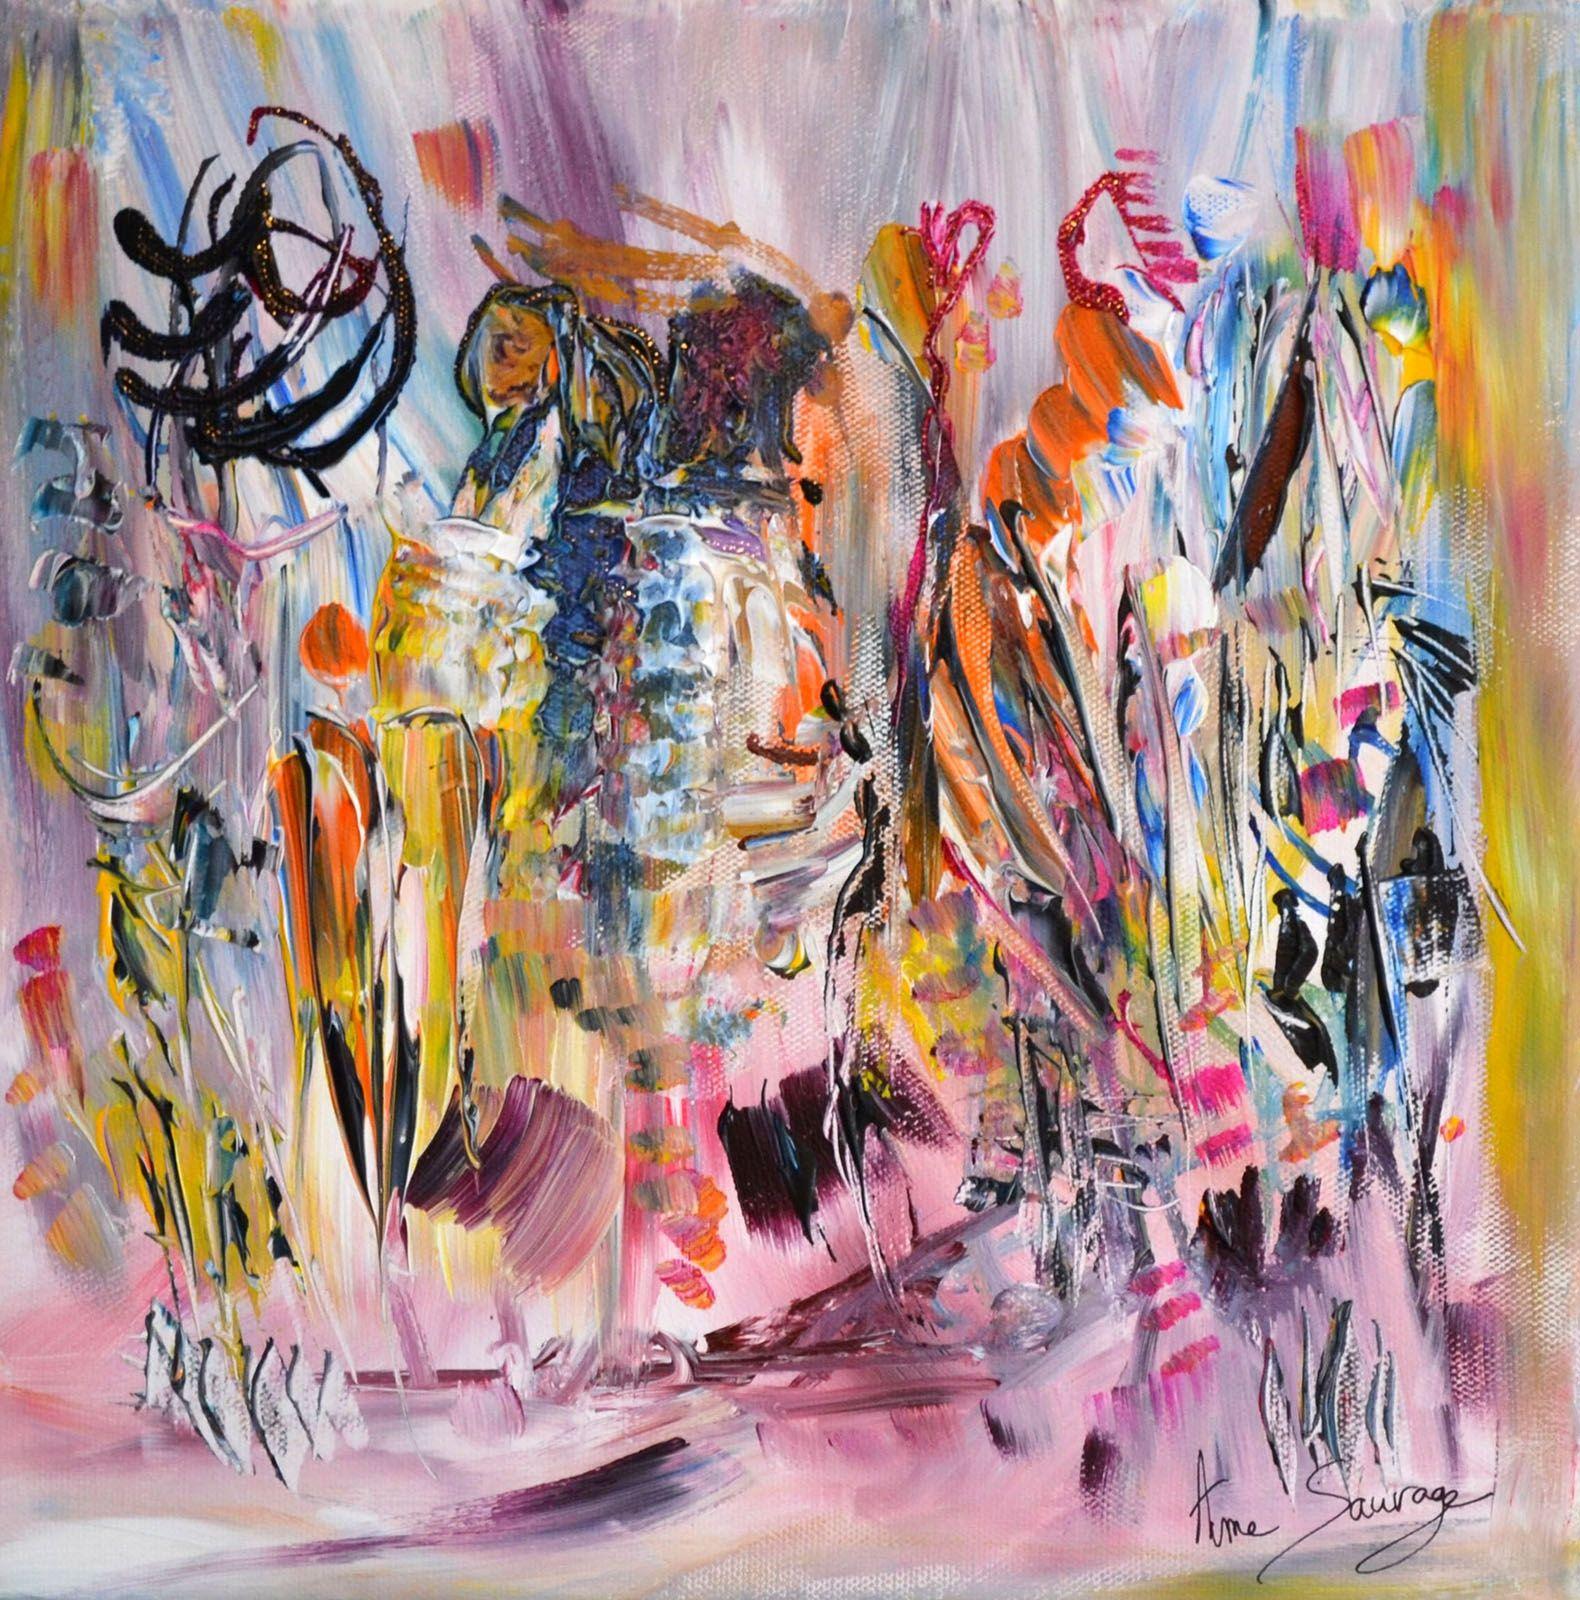 peinture abstraite moderne coloree et